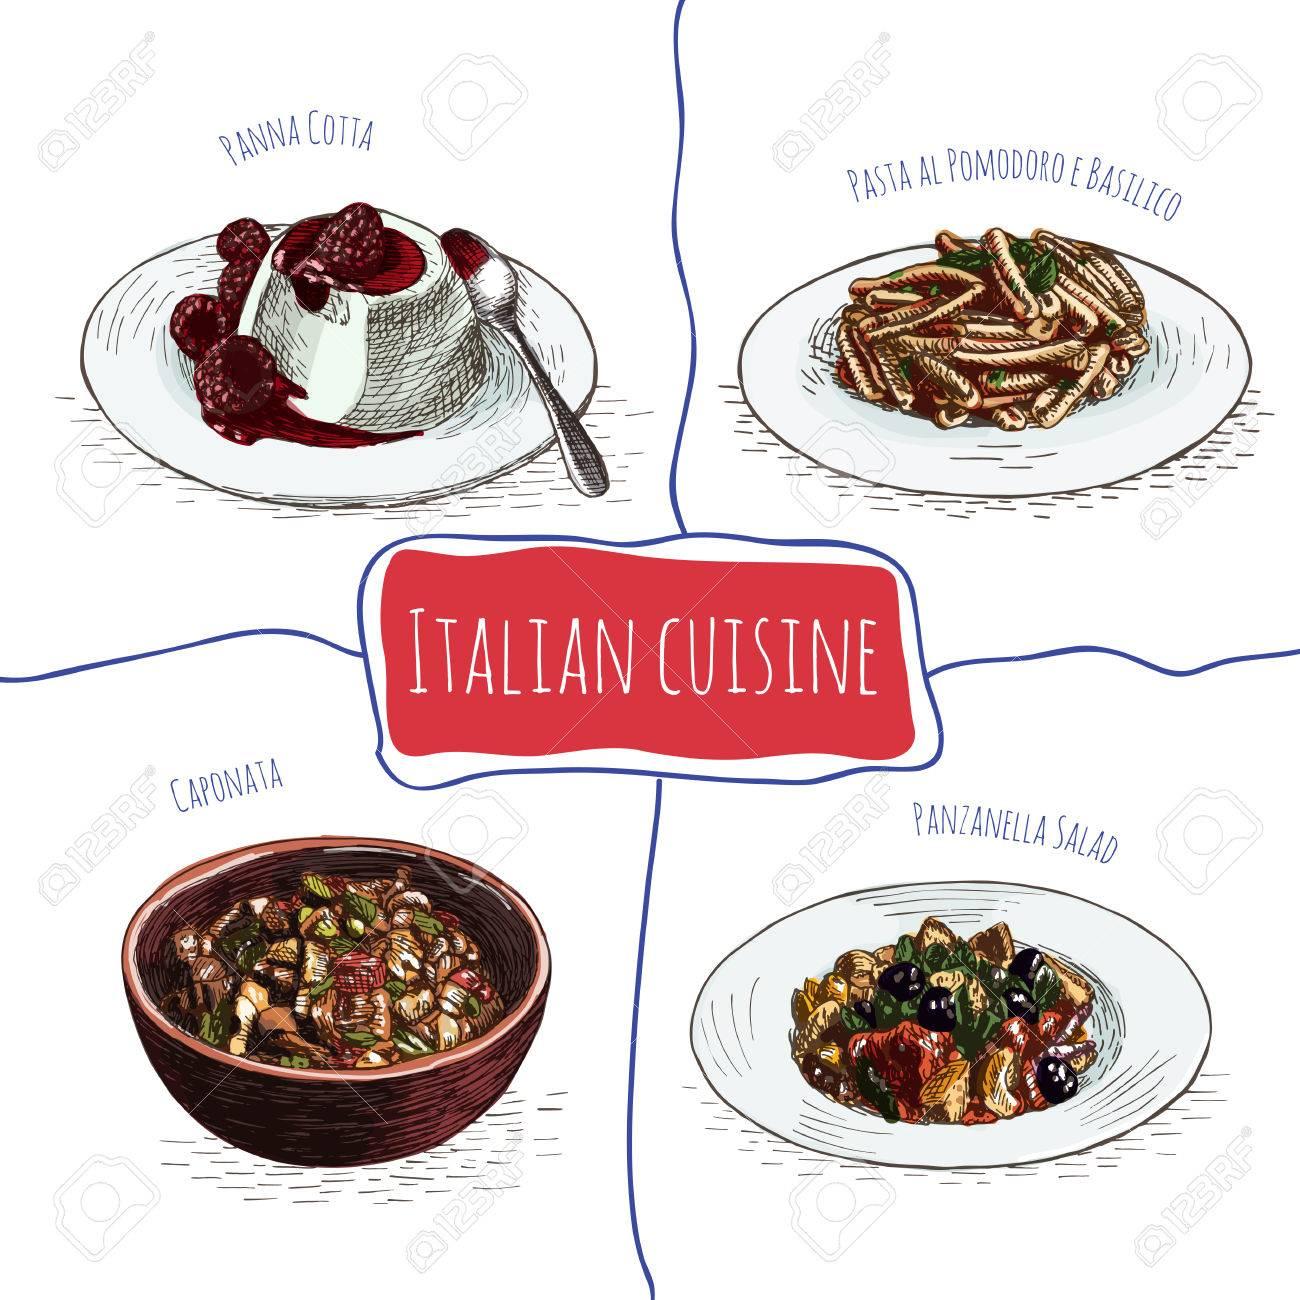 イタリアン メニューのカラフルなイラストイタリア料理のベクター